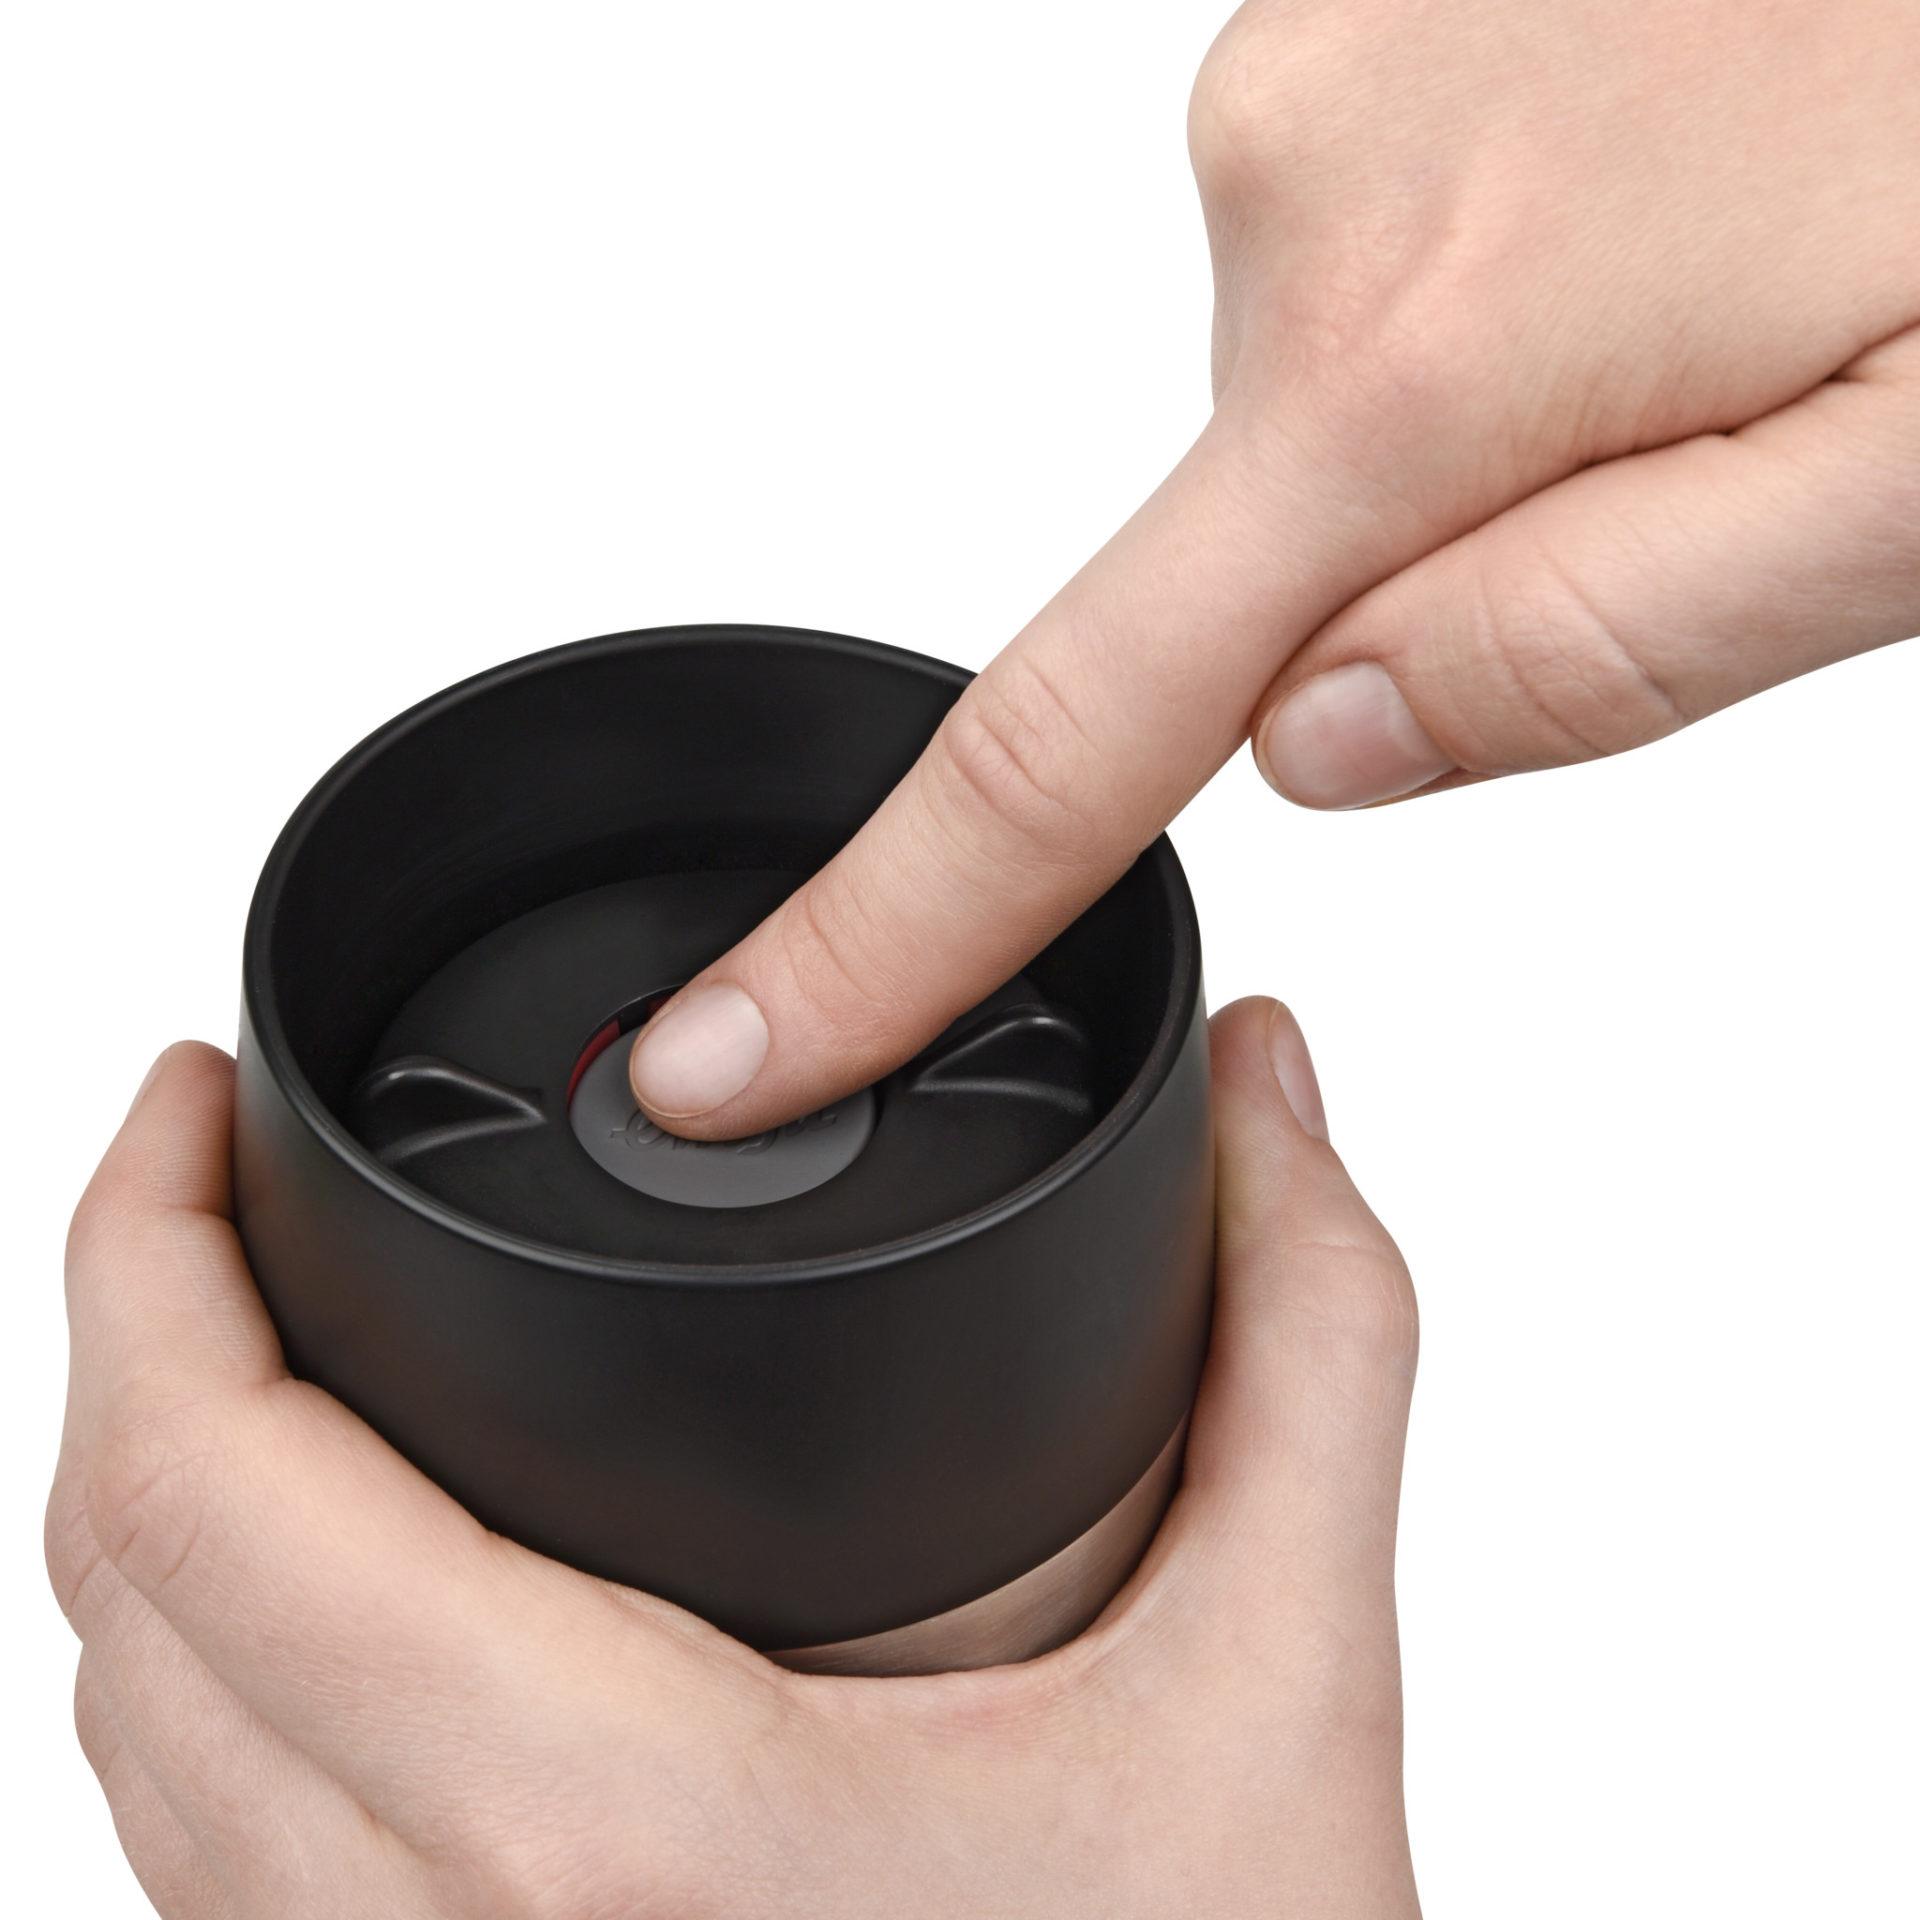 Du öppnar Emsas Travelmugg med ett knapptryck - från www.termosexperten.se